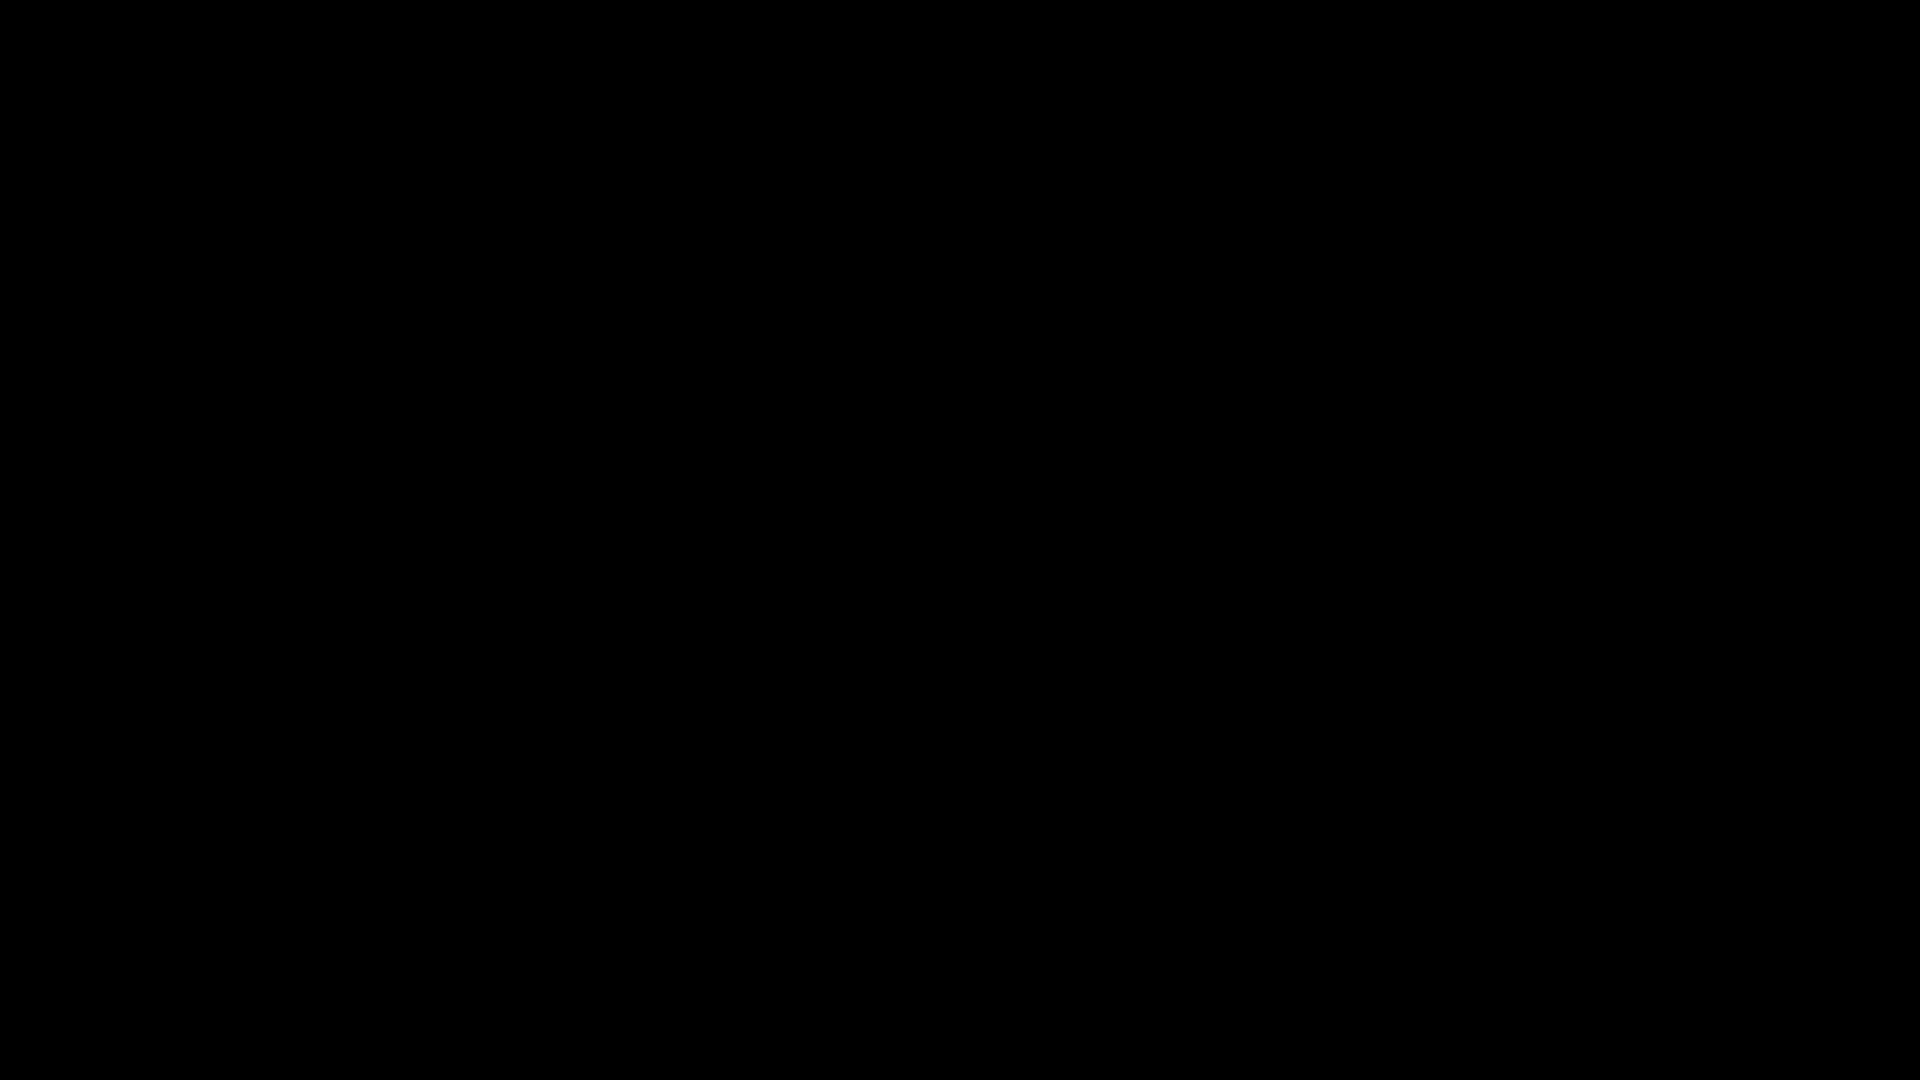 シニアヨガ インストラクター養成講座 名古屋 2018年2月 基礎編 開講